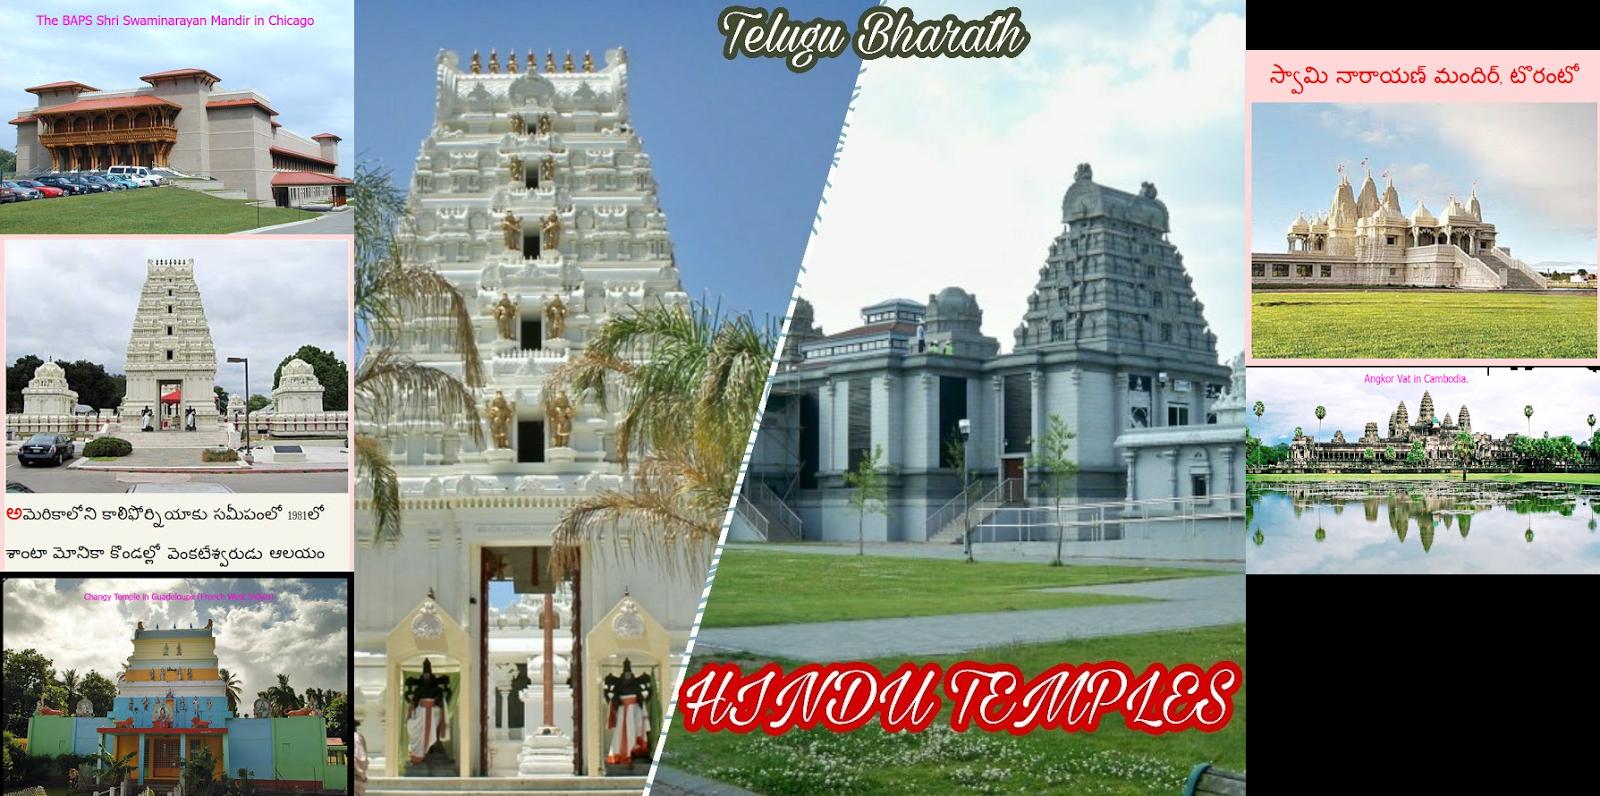 హిందూ దేవాలయాలు భారత వెలుపల - Hindu Temples outside India